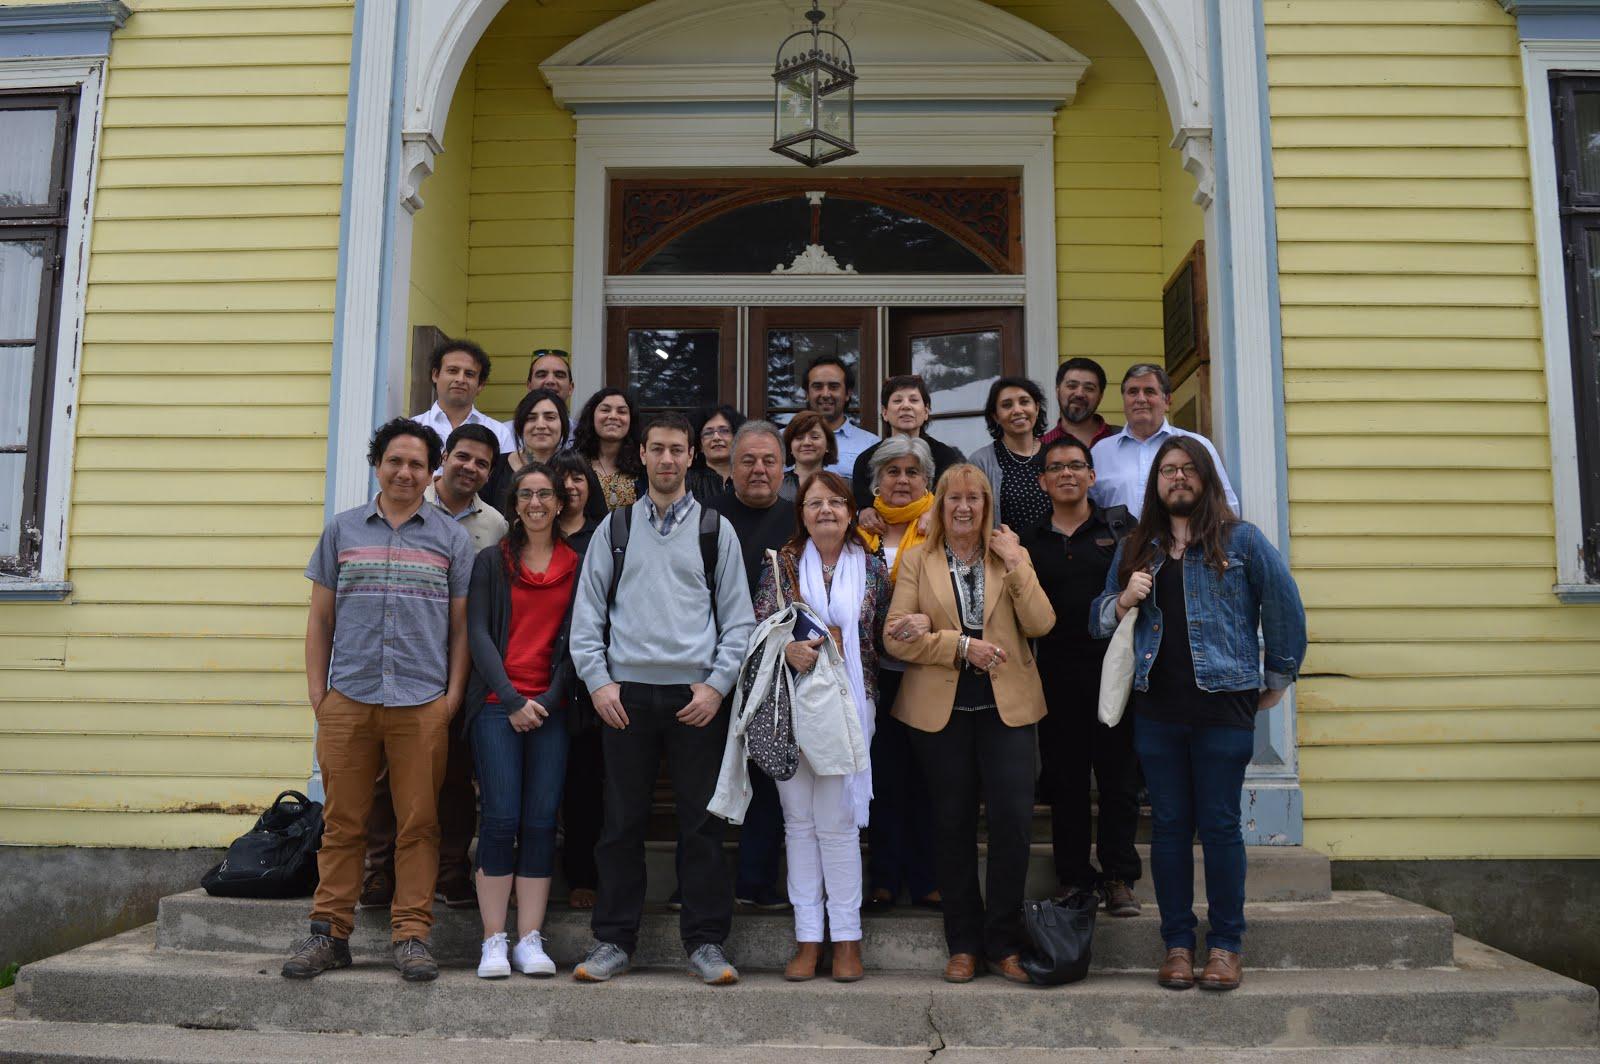 Fotos VII Encuentro de Museos Universitarios - IV Encuentro de Latinoamérica y del Caribe